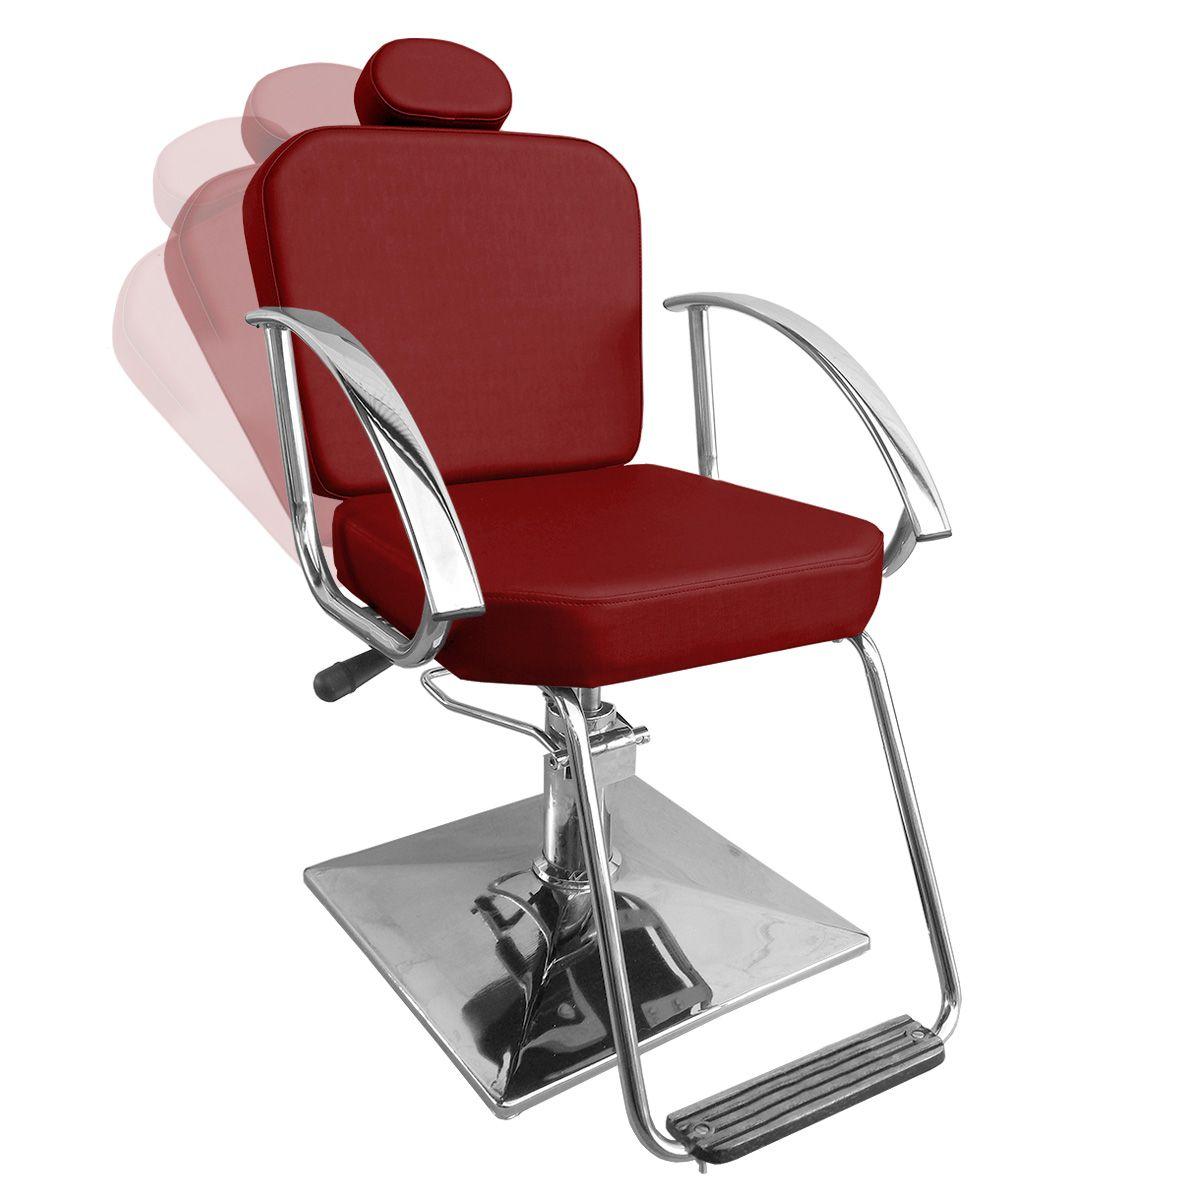 Cadeira de Cabeleireiro Dallas Encosto Reclinável - Pé Quadrado